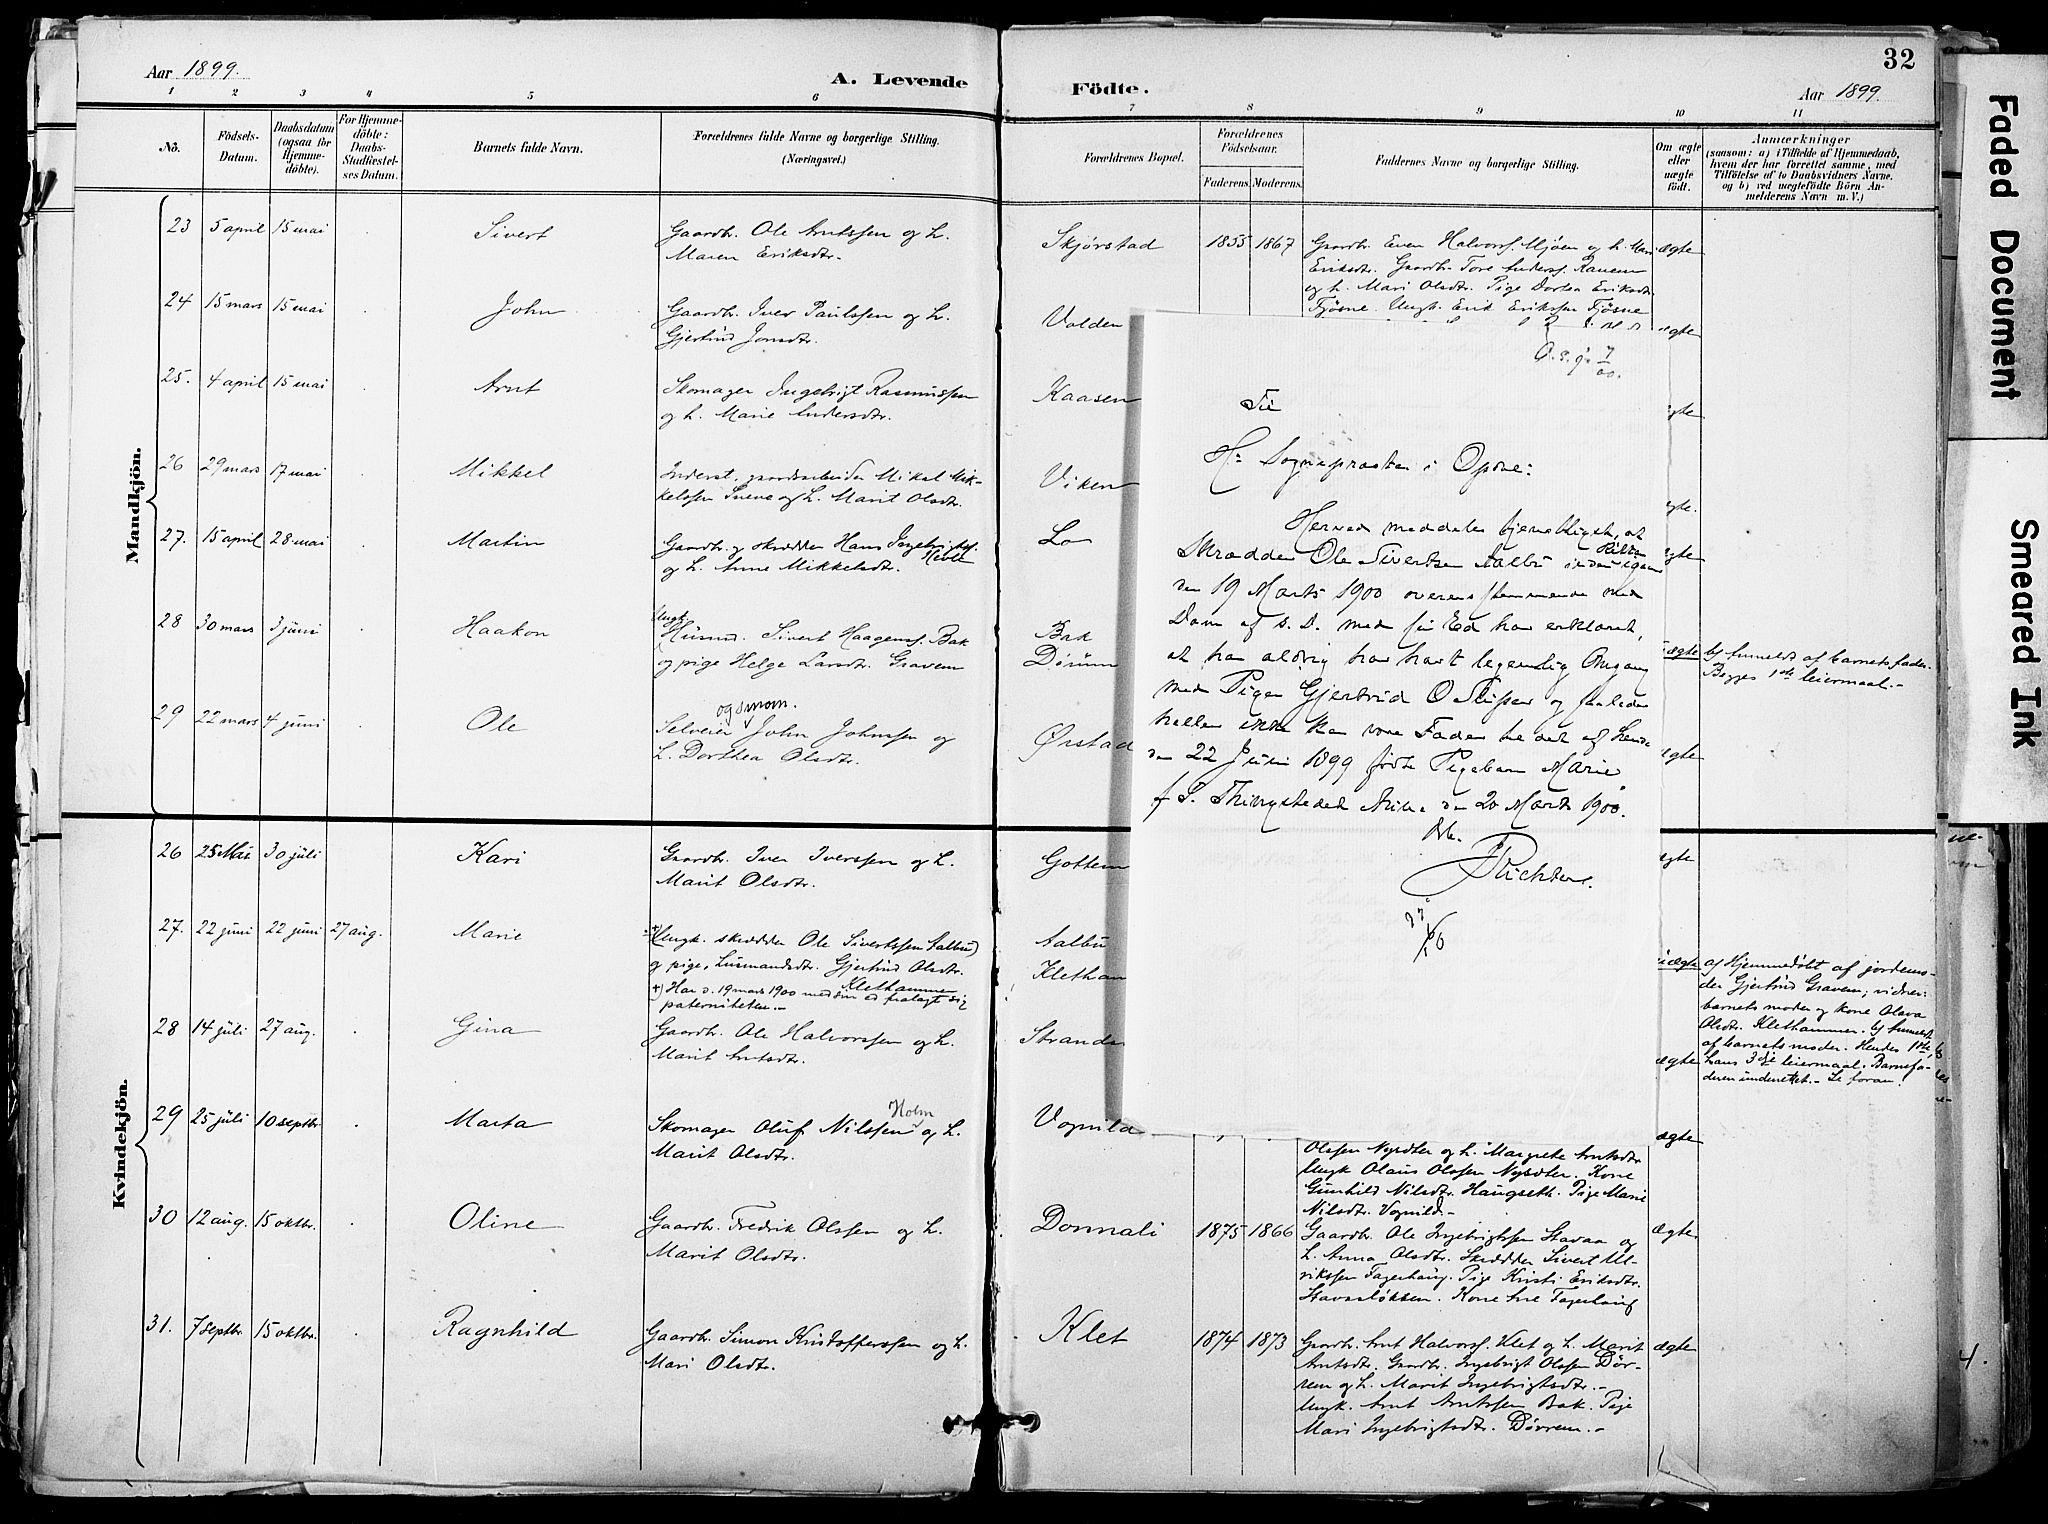 SAT, Ministerialprotokoller, klokkerbøker og fødselsregistre - Sør-Trøndelag, 678/L0902: Ministerialbok nr. 678A11, 1895-1911, s. 32